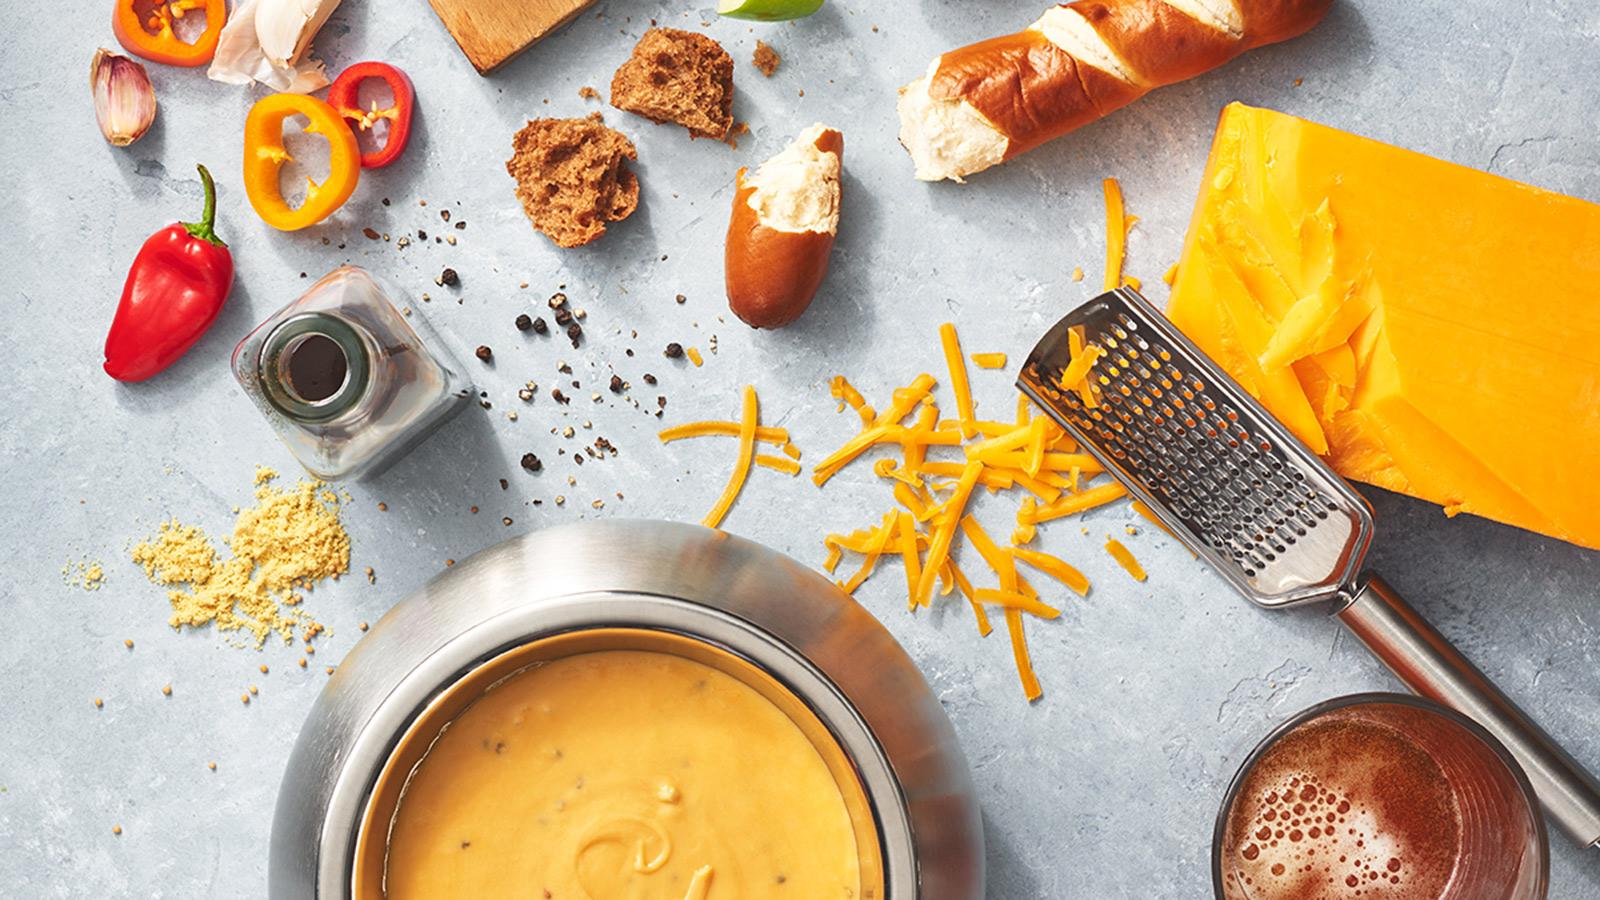 The Original Fondue Restaurant | The Melting Pot